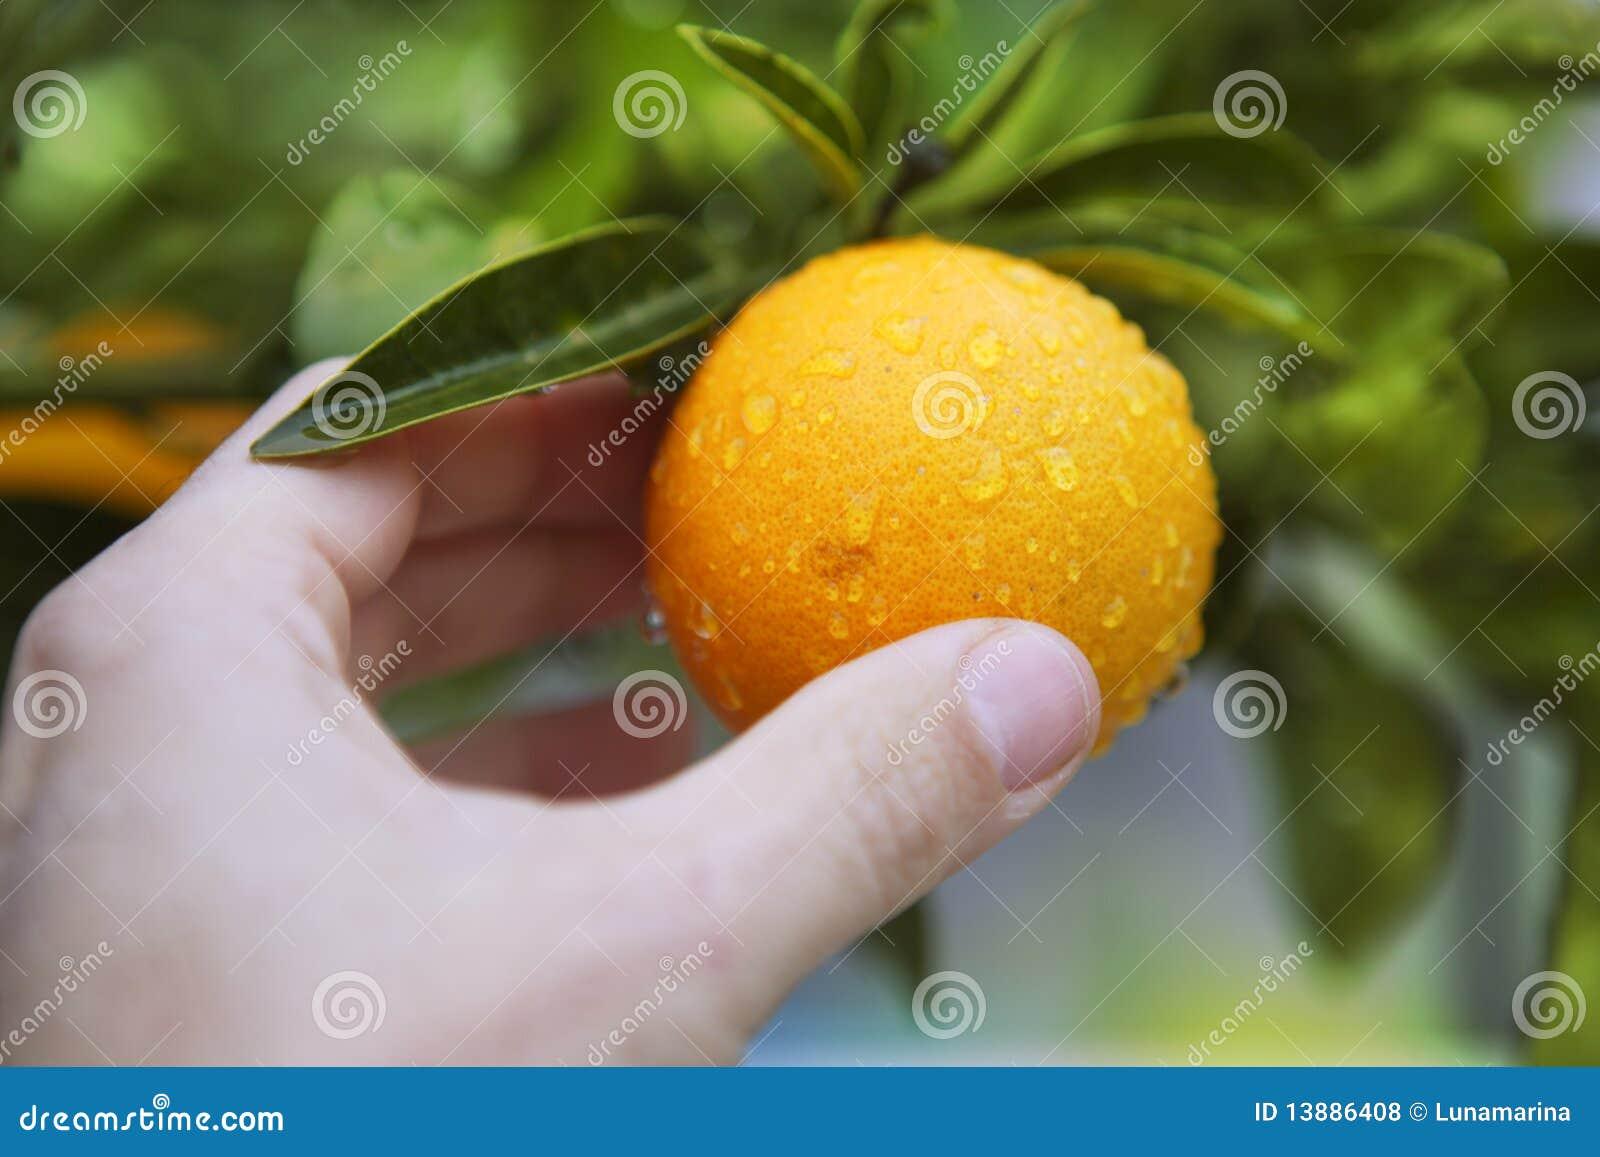 Orange On Tree Human Hand Holding Fruit Stock Photo ...